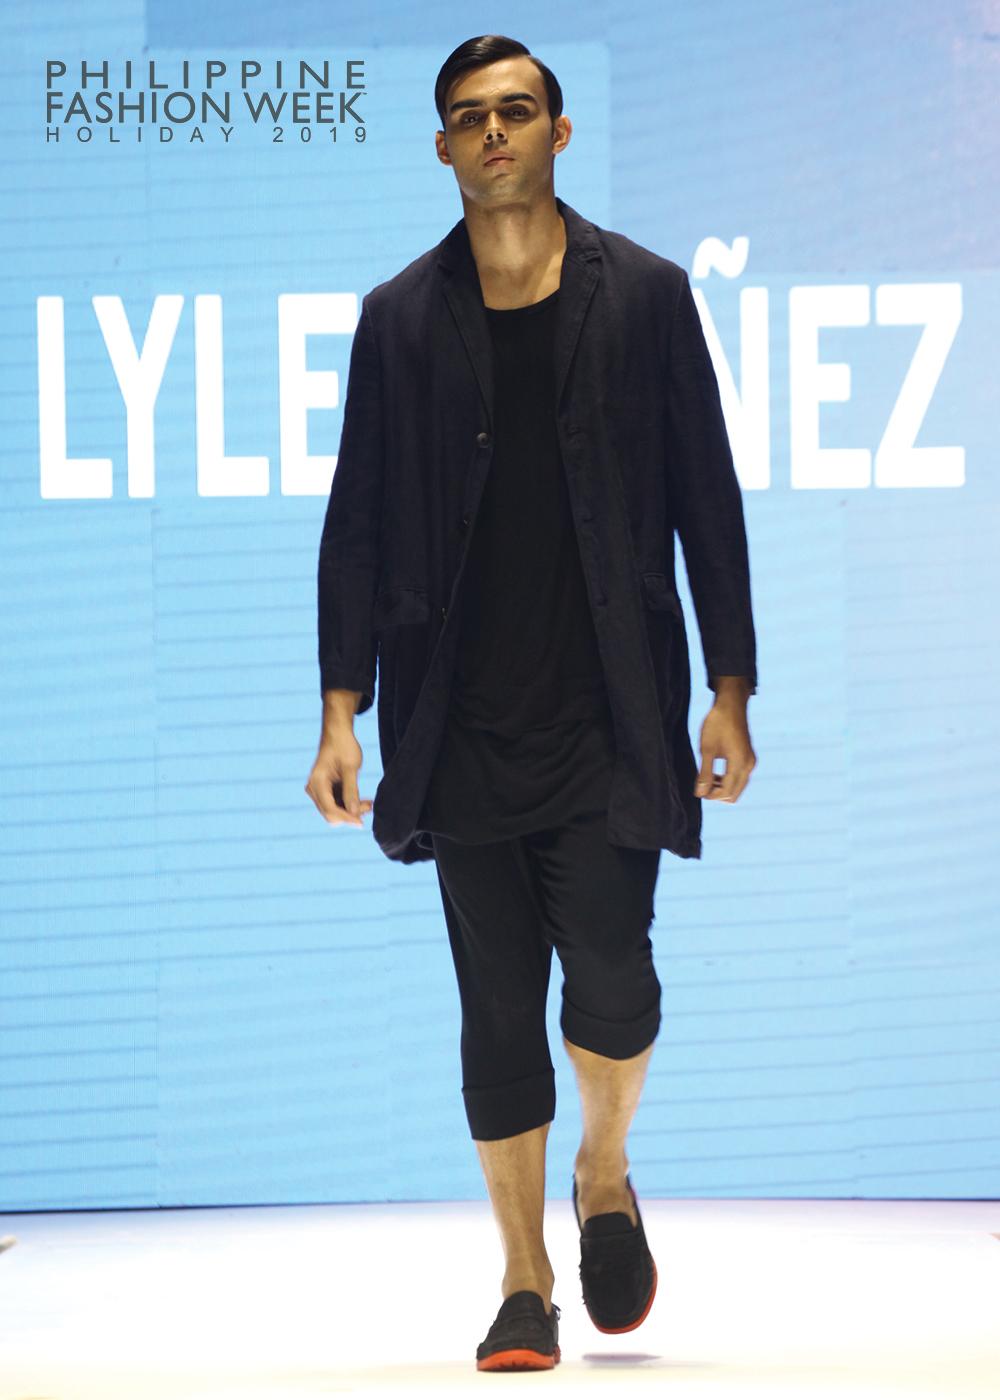 LYLE IBAÑEZ